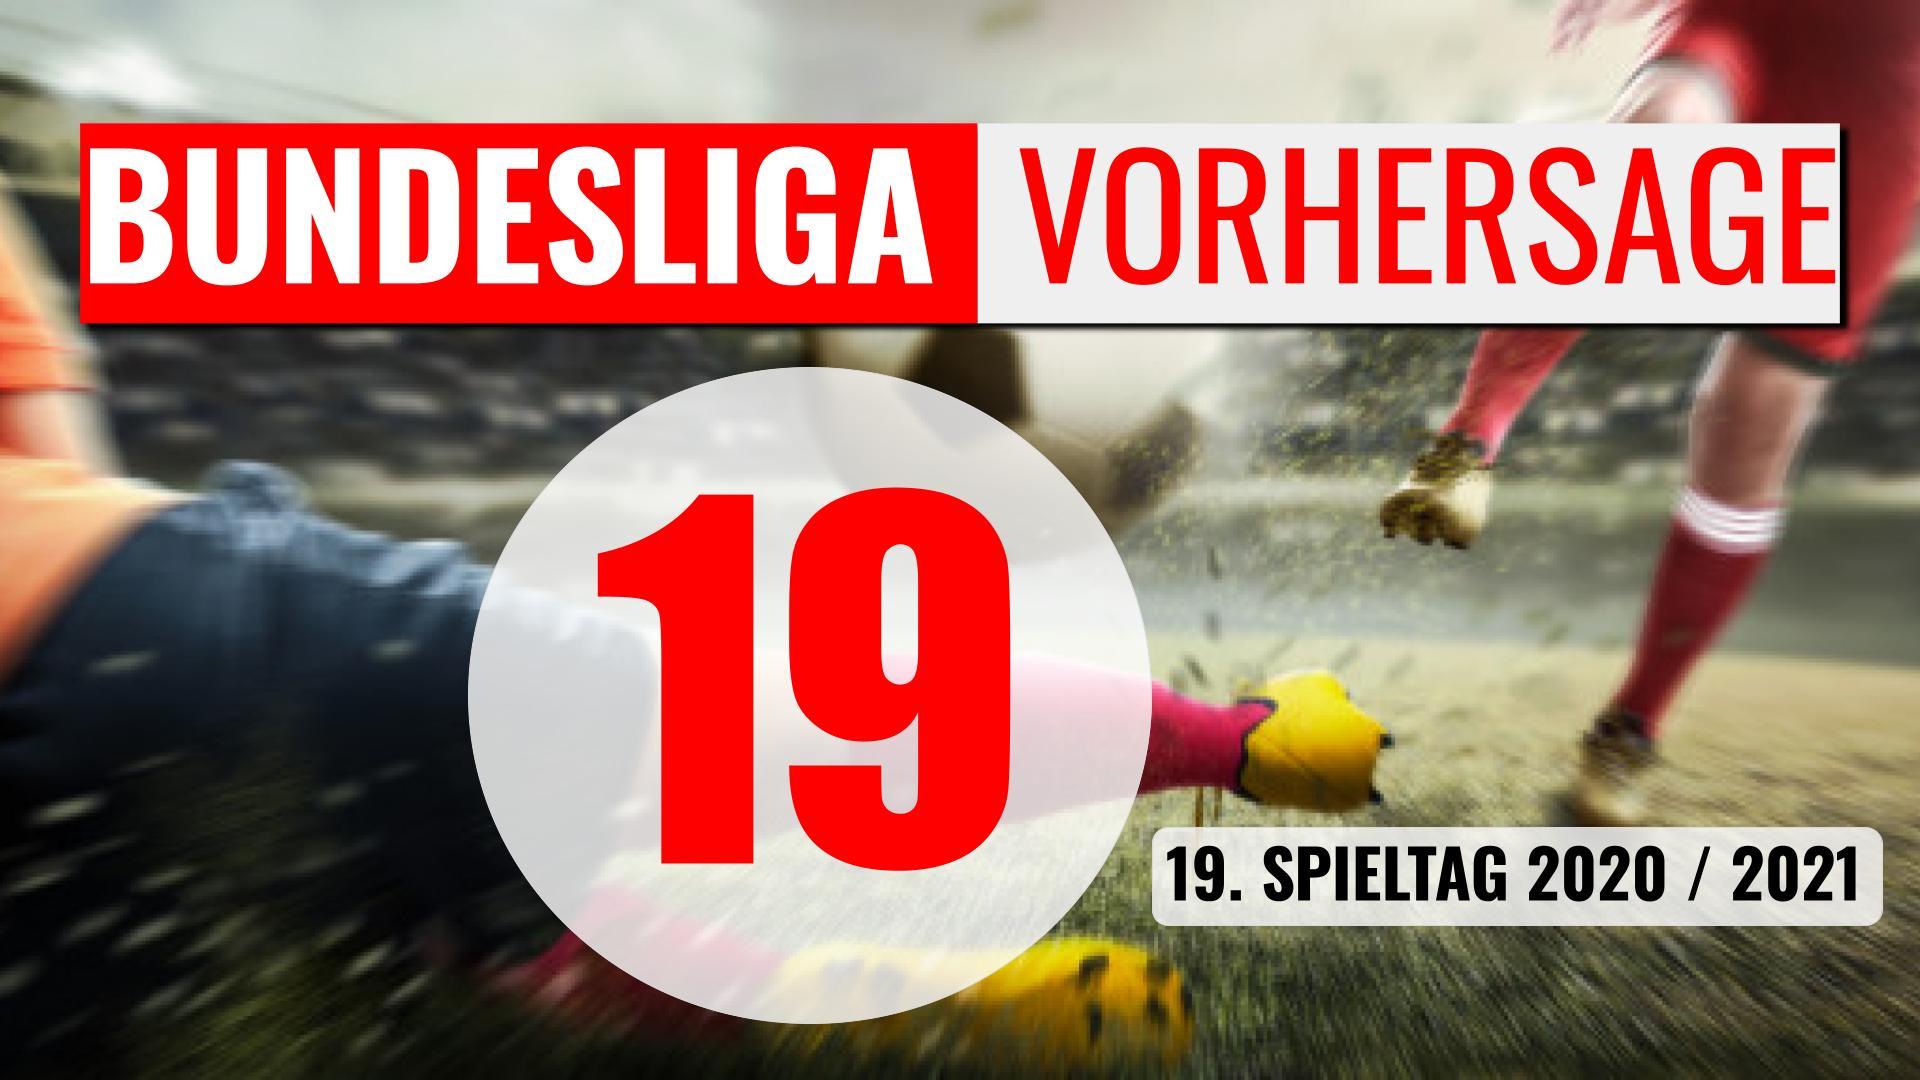 Bundesliga Vorhersage – Tipps zum 19. Spieltag 2020/2021